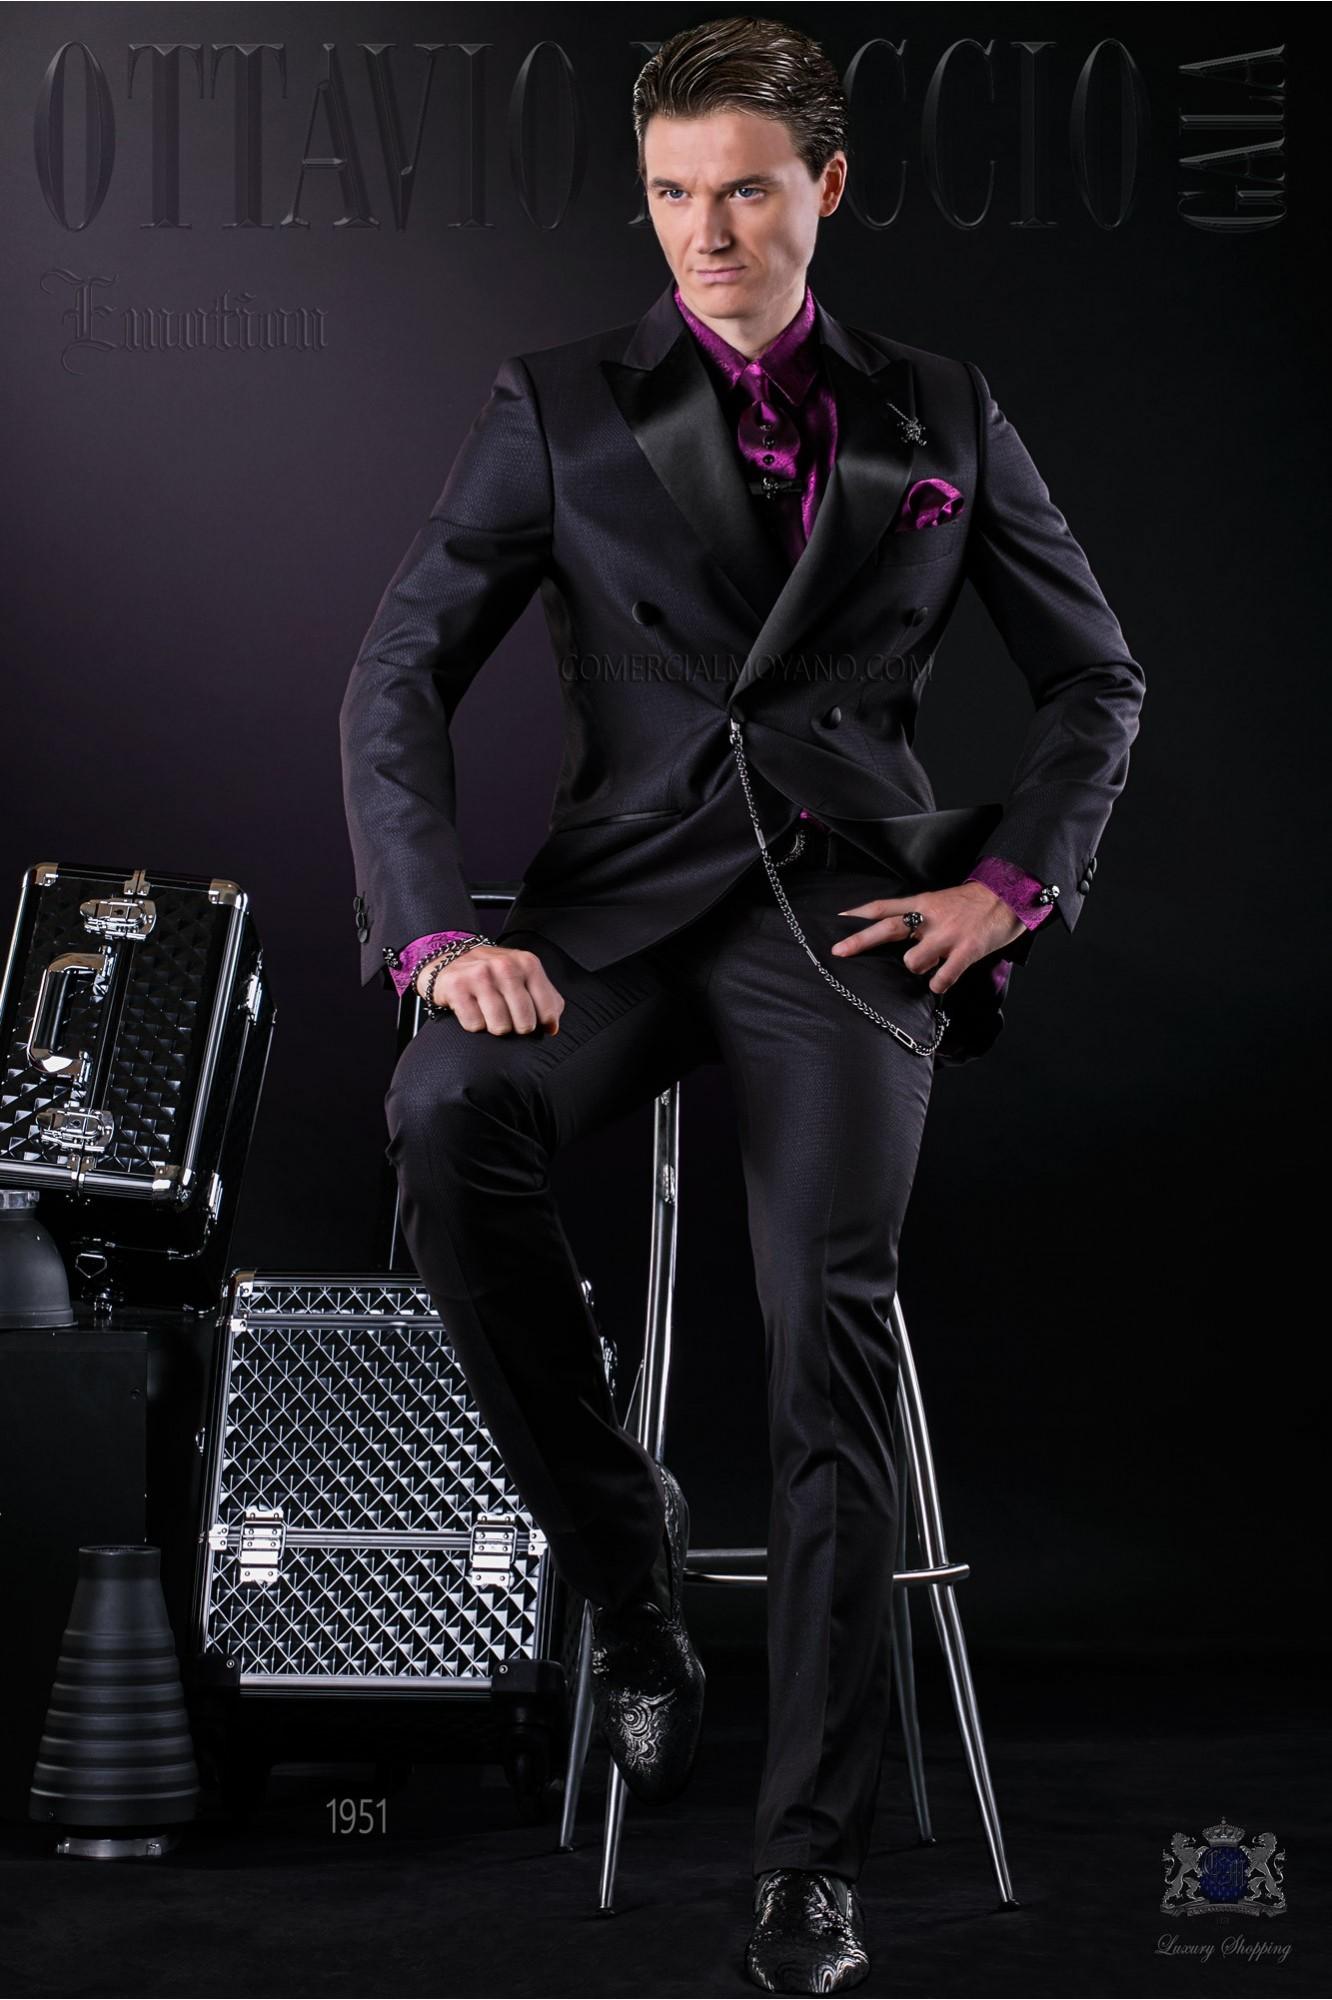 Bespoke Italian double breasted fashion suit black shiny